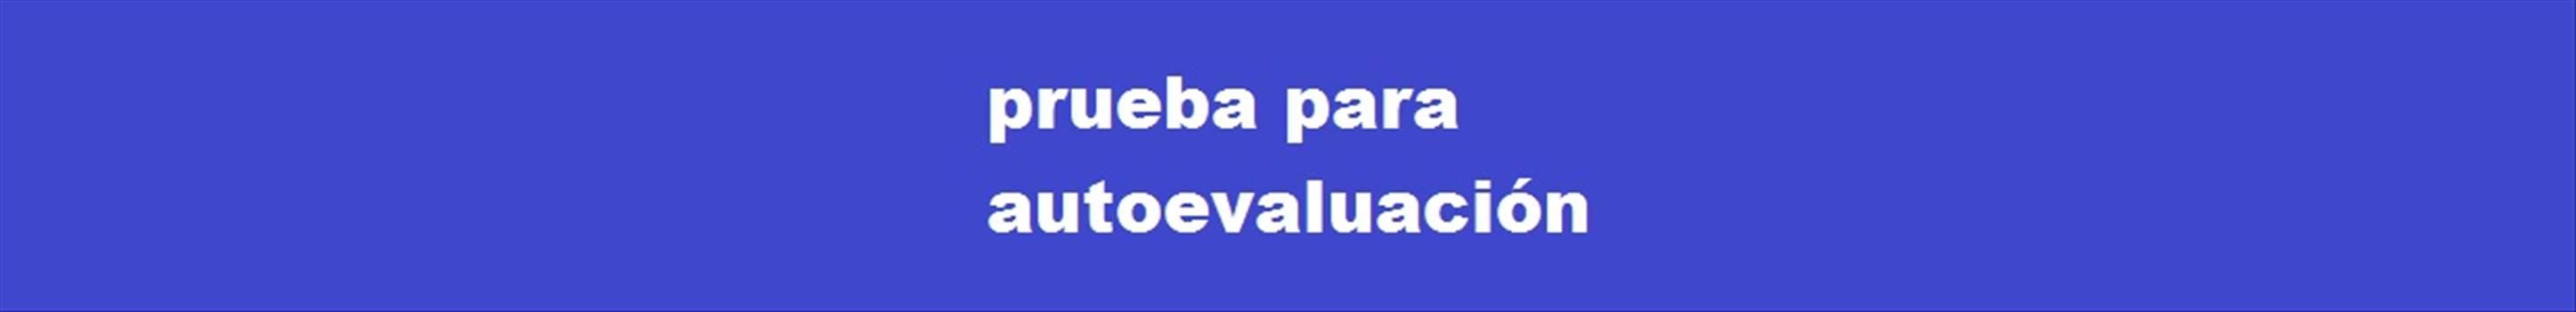 prueba para autoevaluación.jpg by andreaespinoza